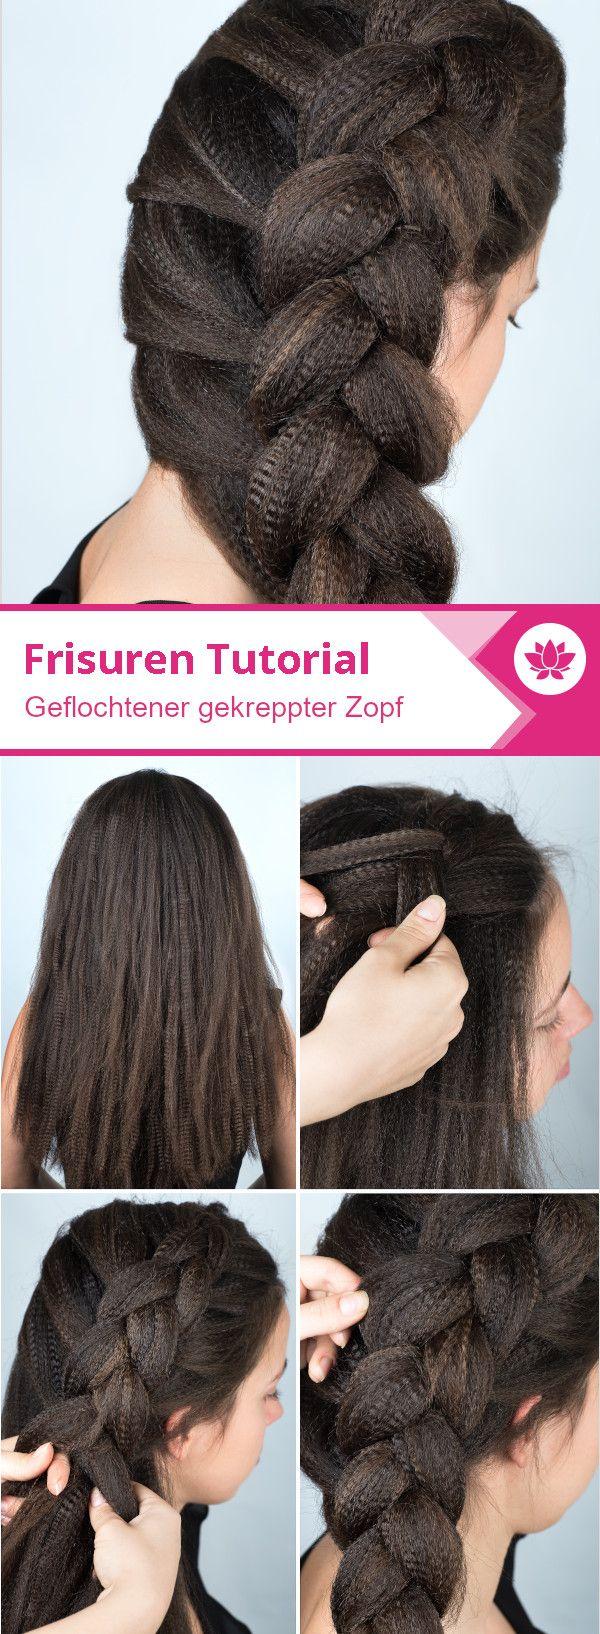 Frisuren Bilder Seitlich Geflochtener Zopf Aus Gekreppten Haaren Frisuren Haare Geflochtene Frisuren Haar Styling Flechtfrisuren